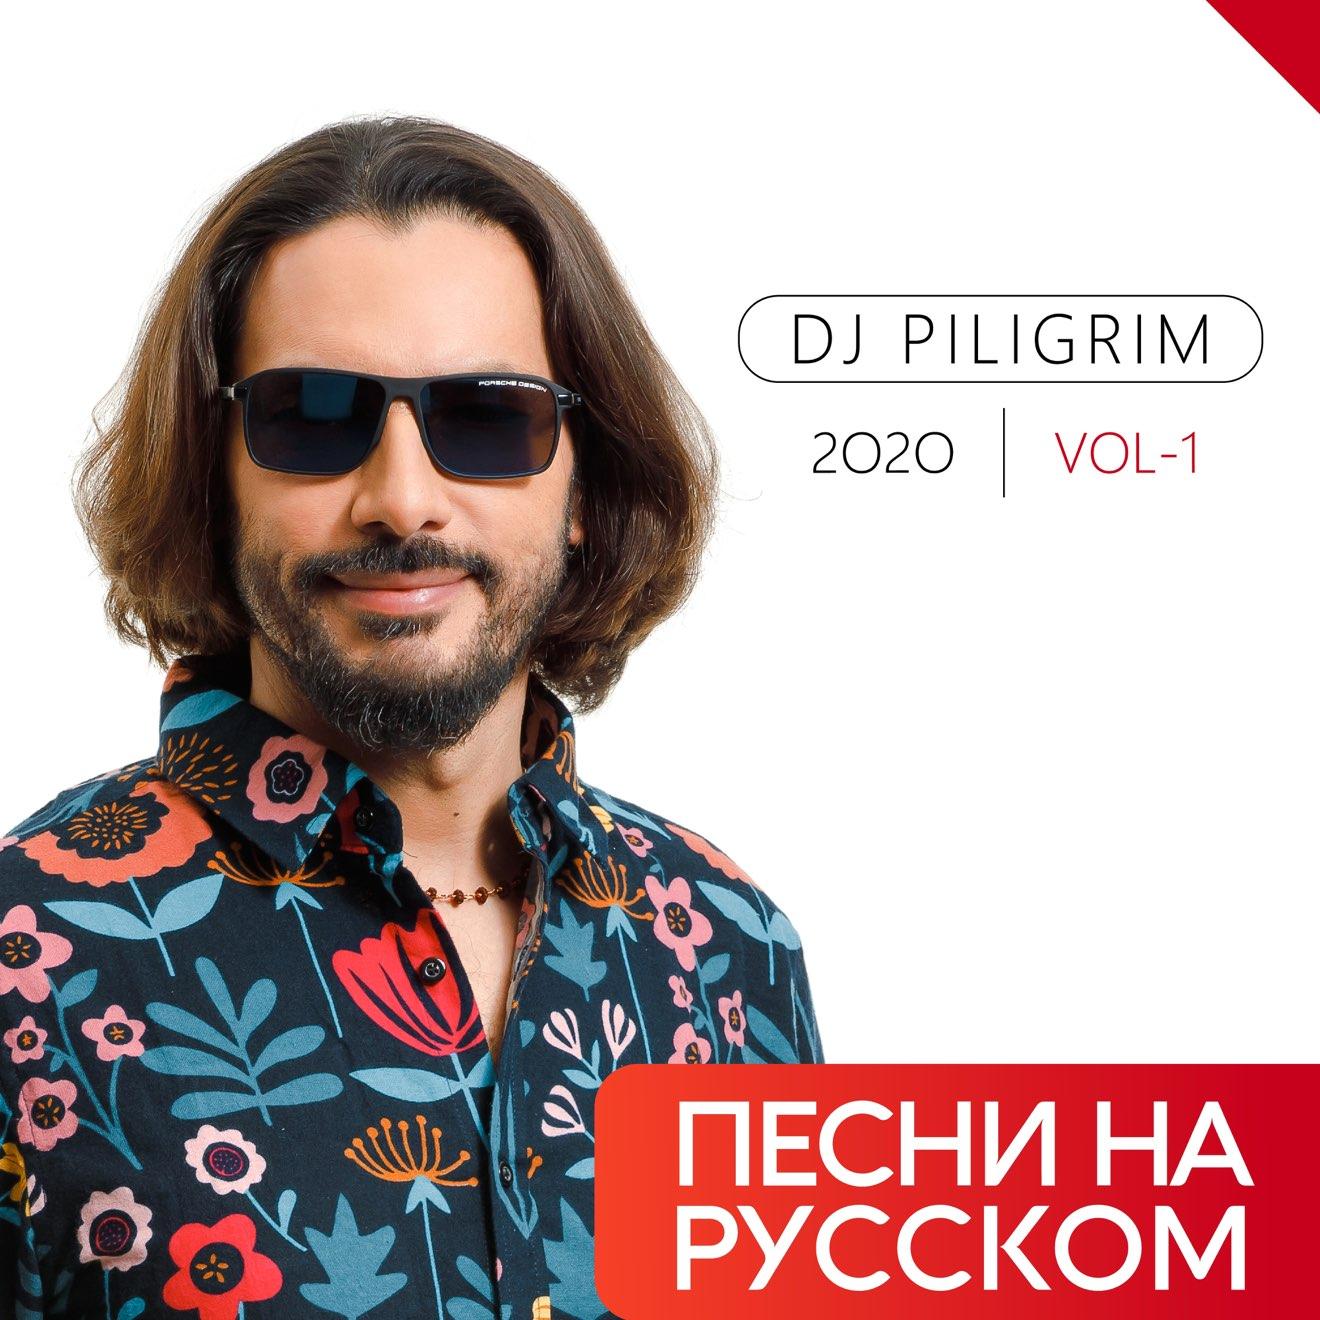 DJ Piligrim